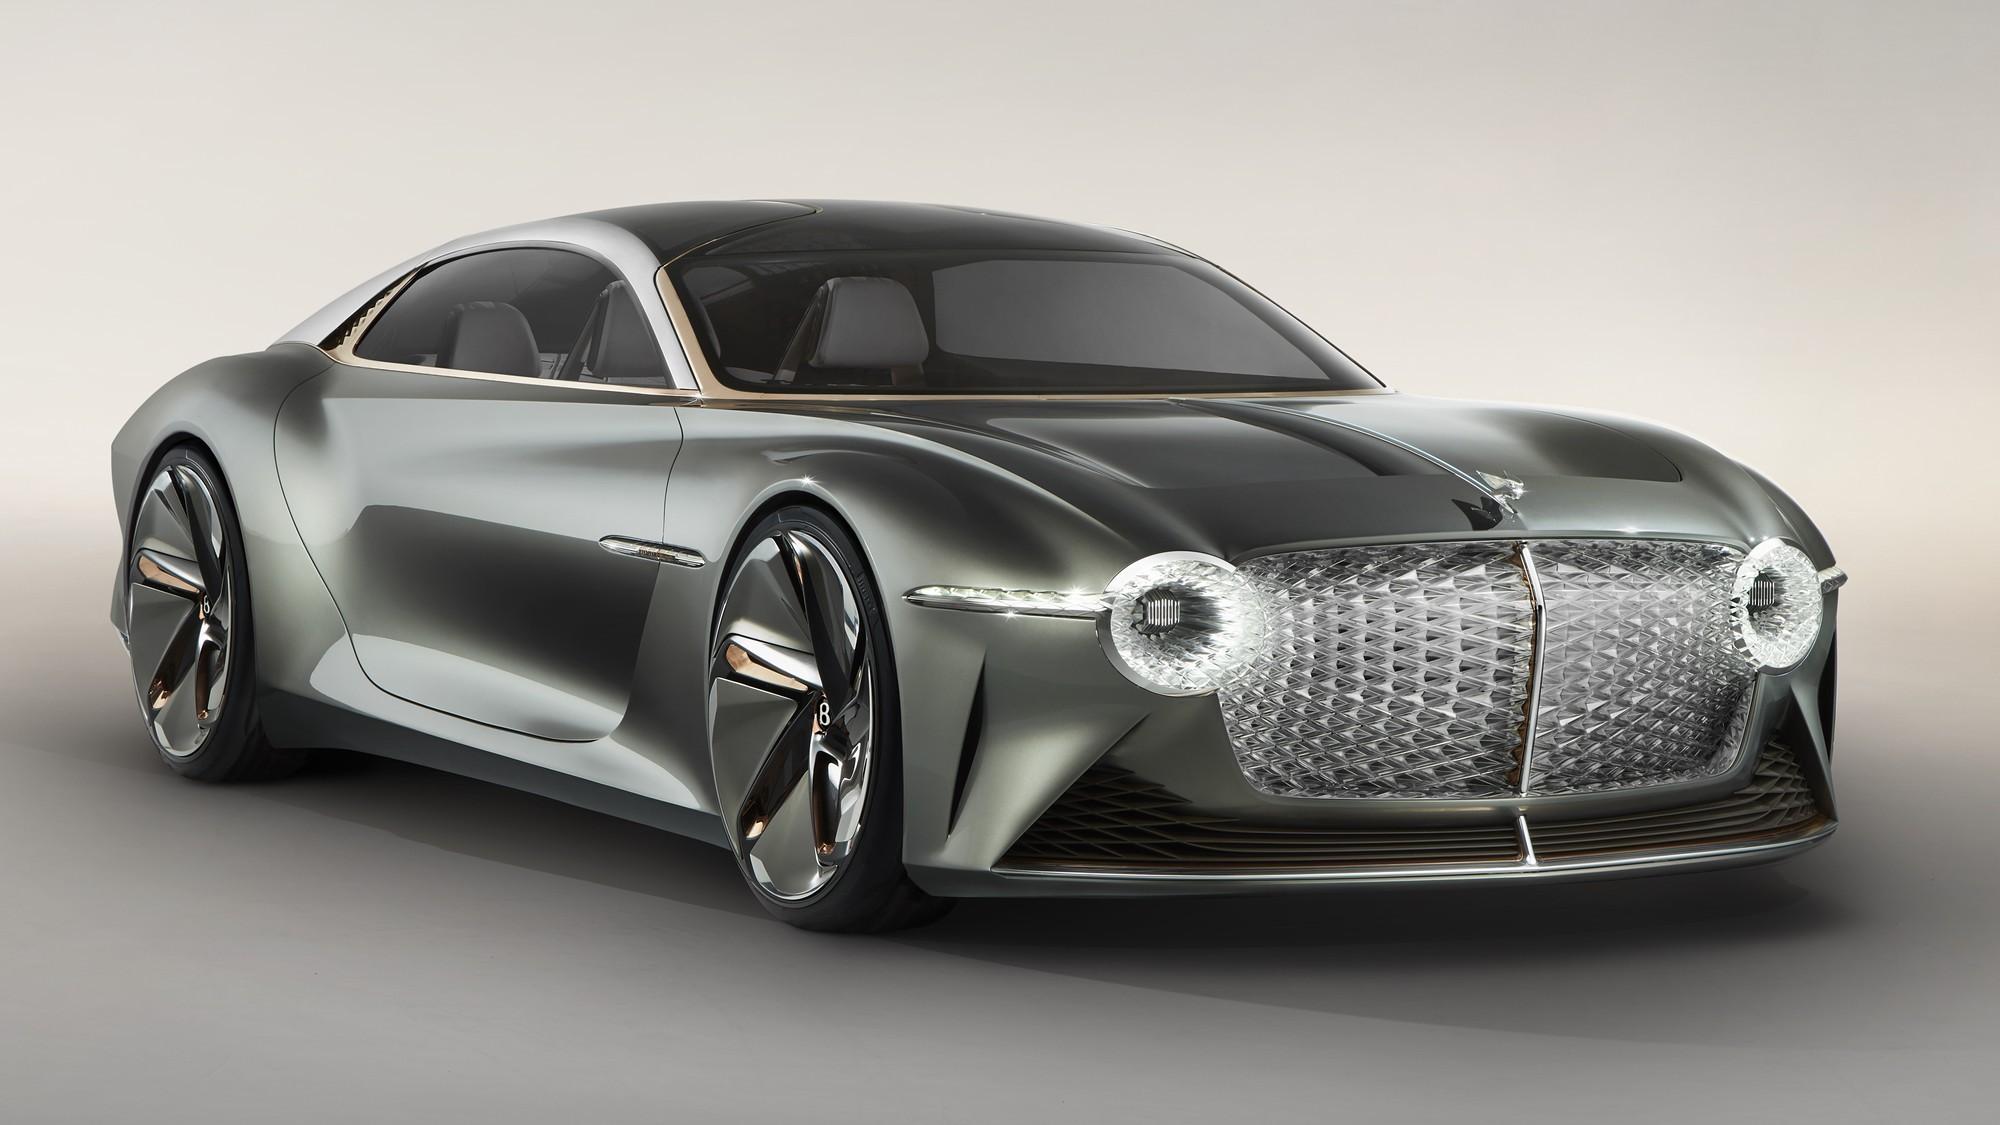 Первый электромобиль Bentley дотянут до высоты Aurus и предложат женщинам авто,авто и мото,автосалон,видео,водителю на заметку,машины,тюнинг